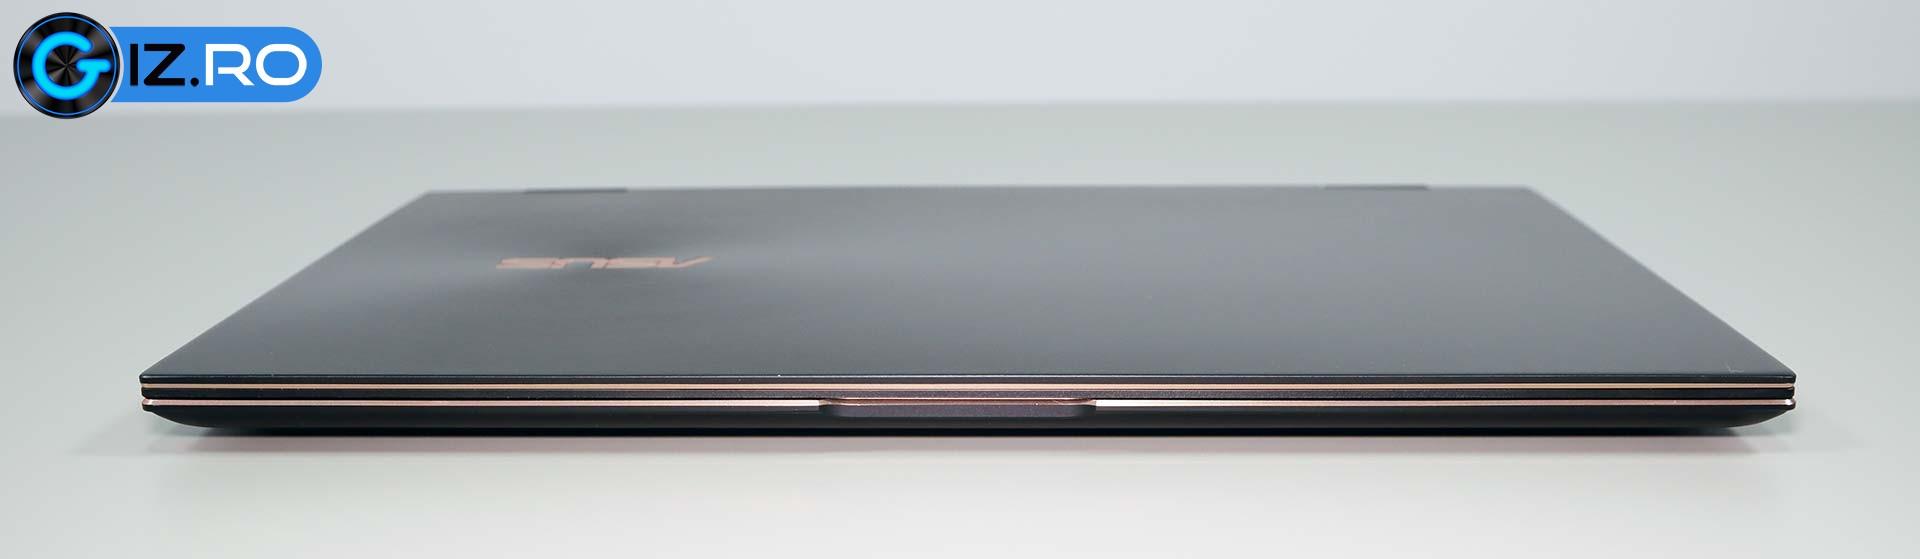 asus-zenbook-ux371-sides-front